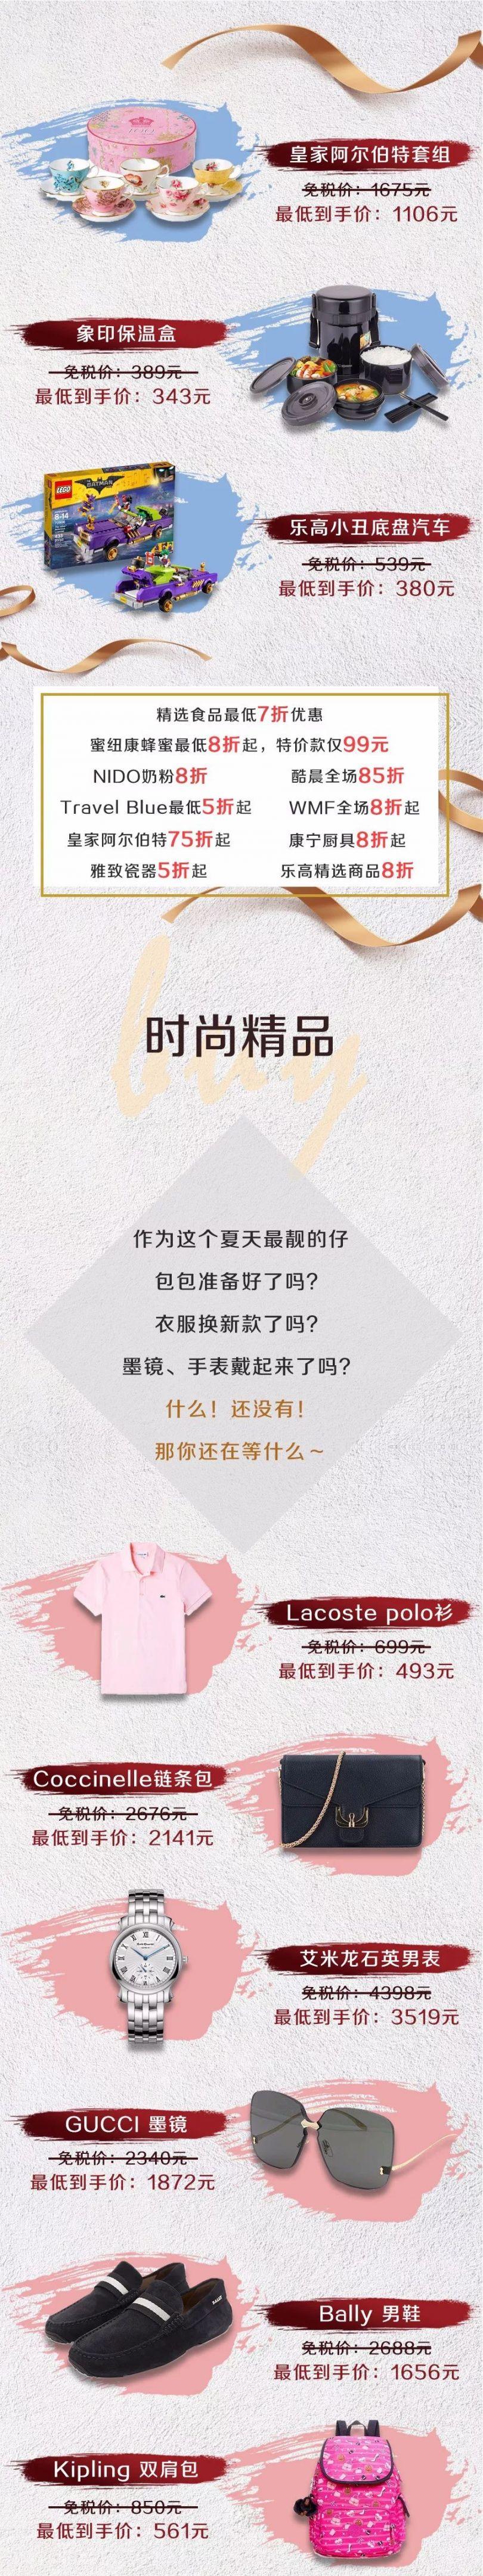 中服上海免税店三周年庆超级折扣 精选品牌5折起